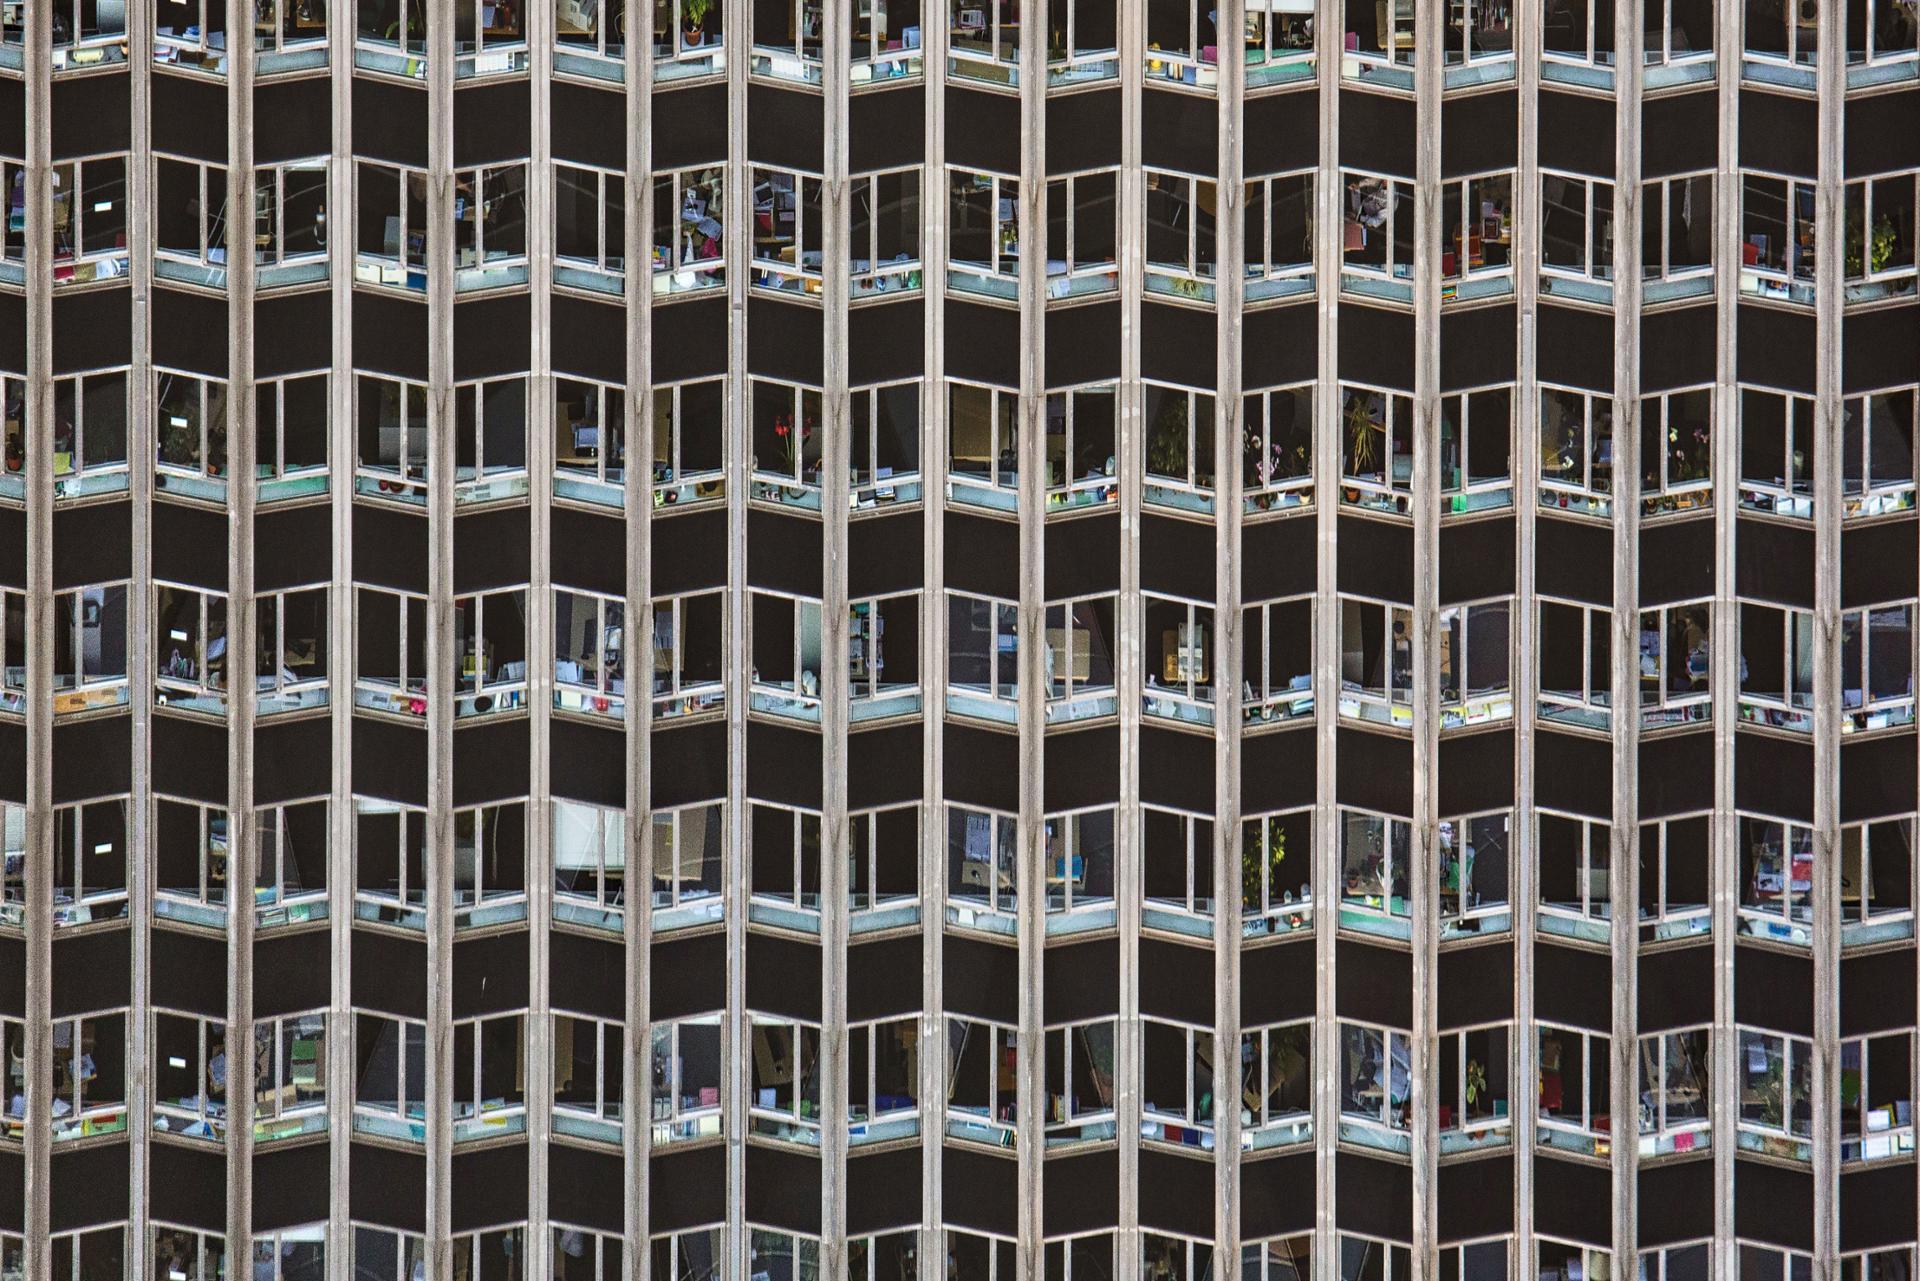 Mur de fenêtres